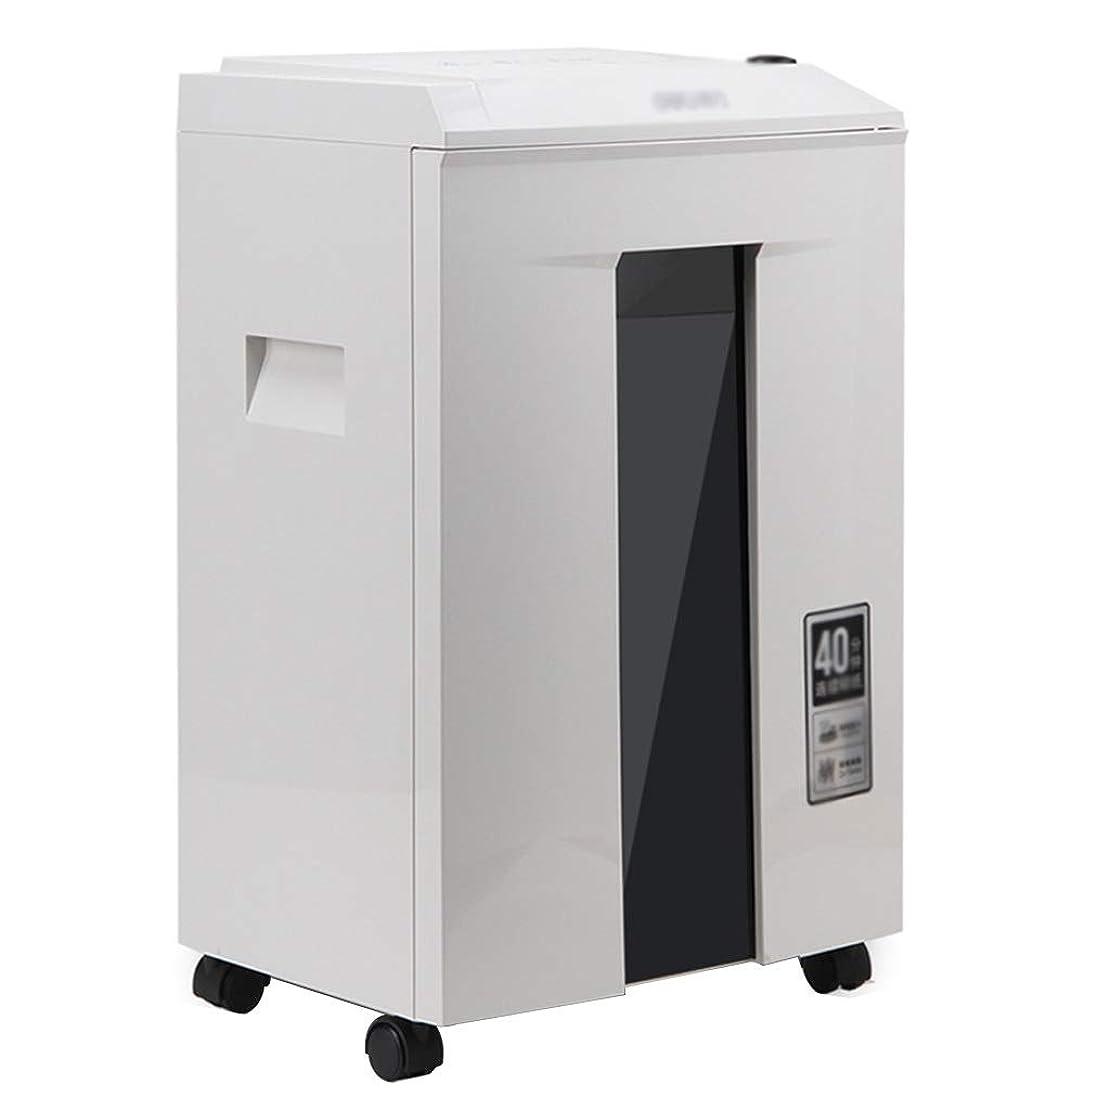 修理工暫定のオリエント家庭用モバイルシュレッダービジネスミュートシュレッダー機密文書用シュレッダーオフィス用シュレッダー20L容量シュレッダー (Color : 白, Size : 35*25.5*55cm)